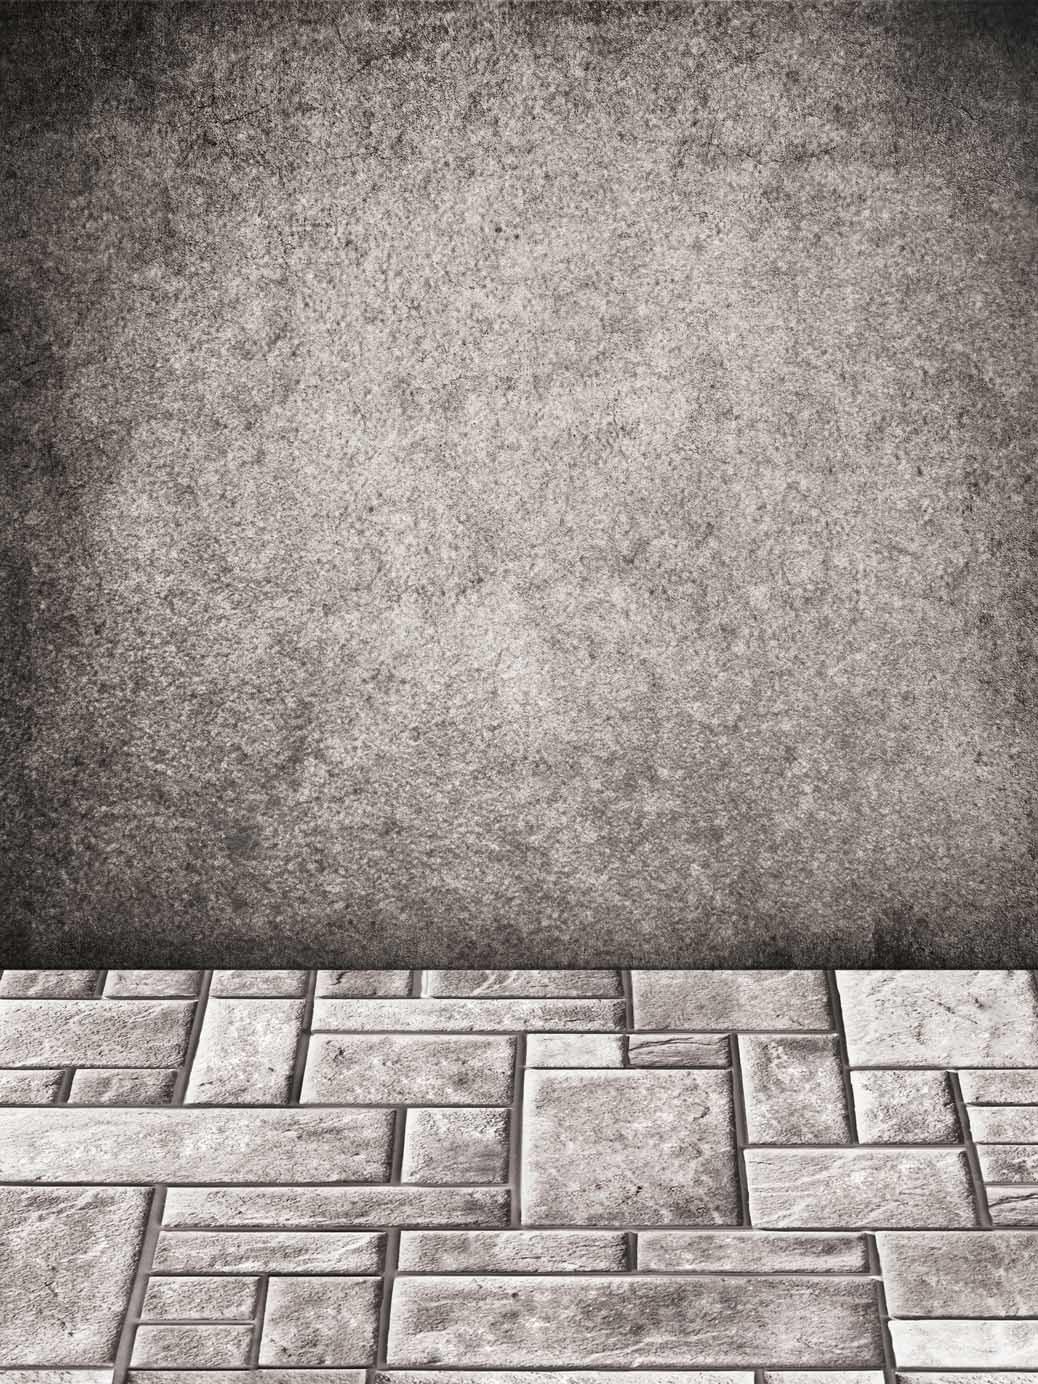 Life Magic Box-Fondo de azulejo de piso para fotografía, telón de fondo...